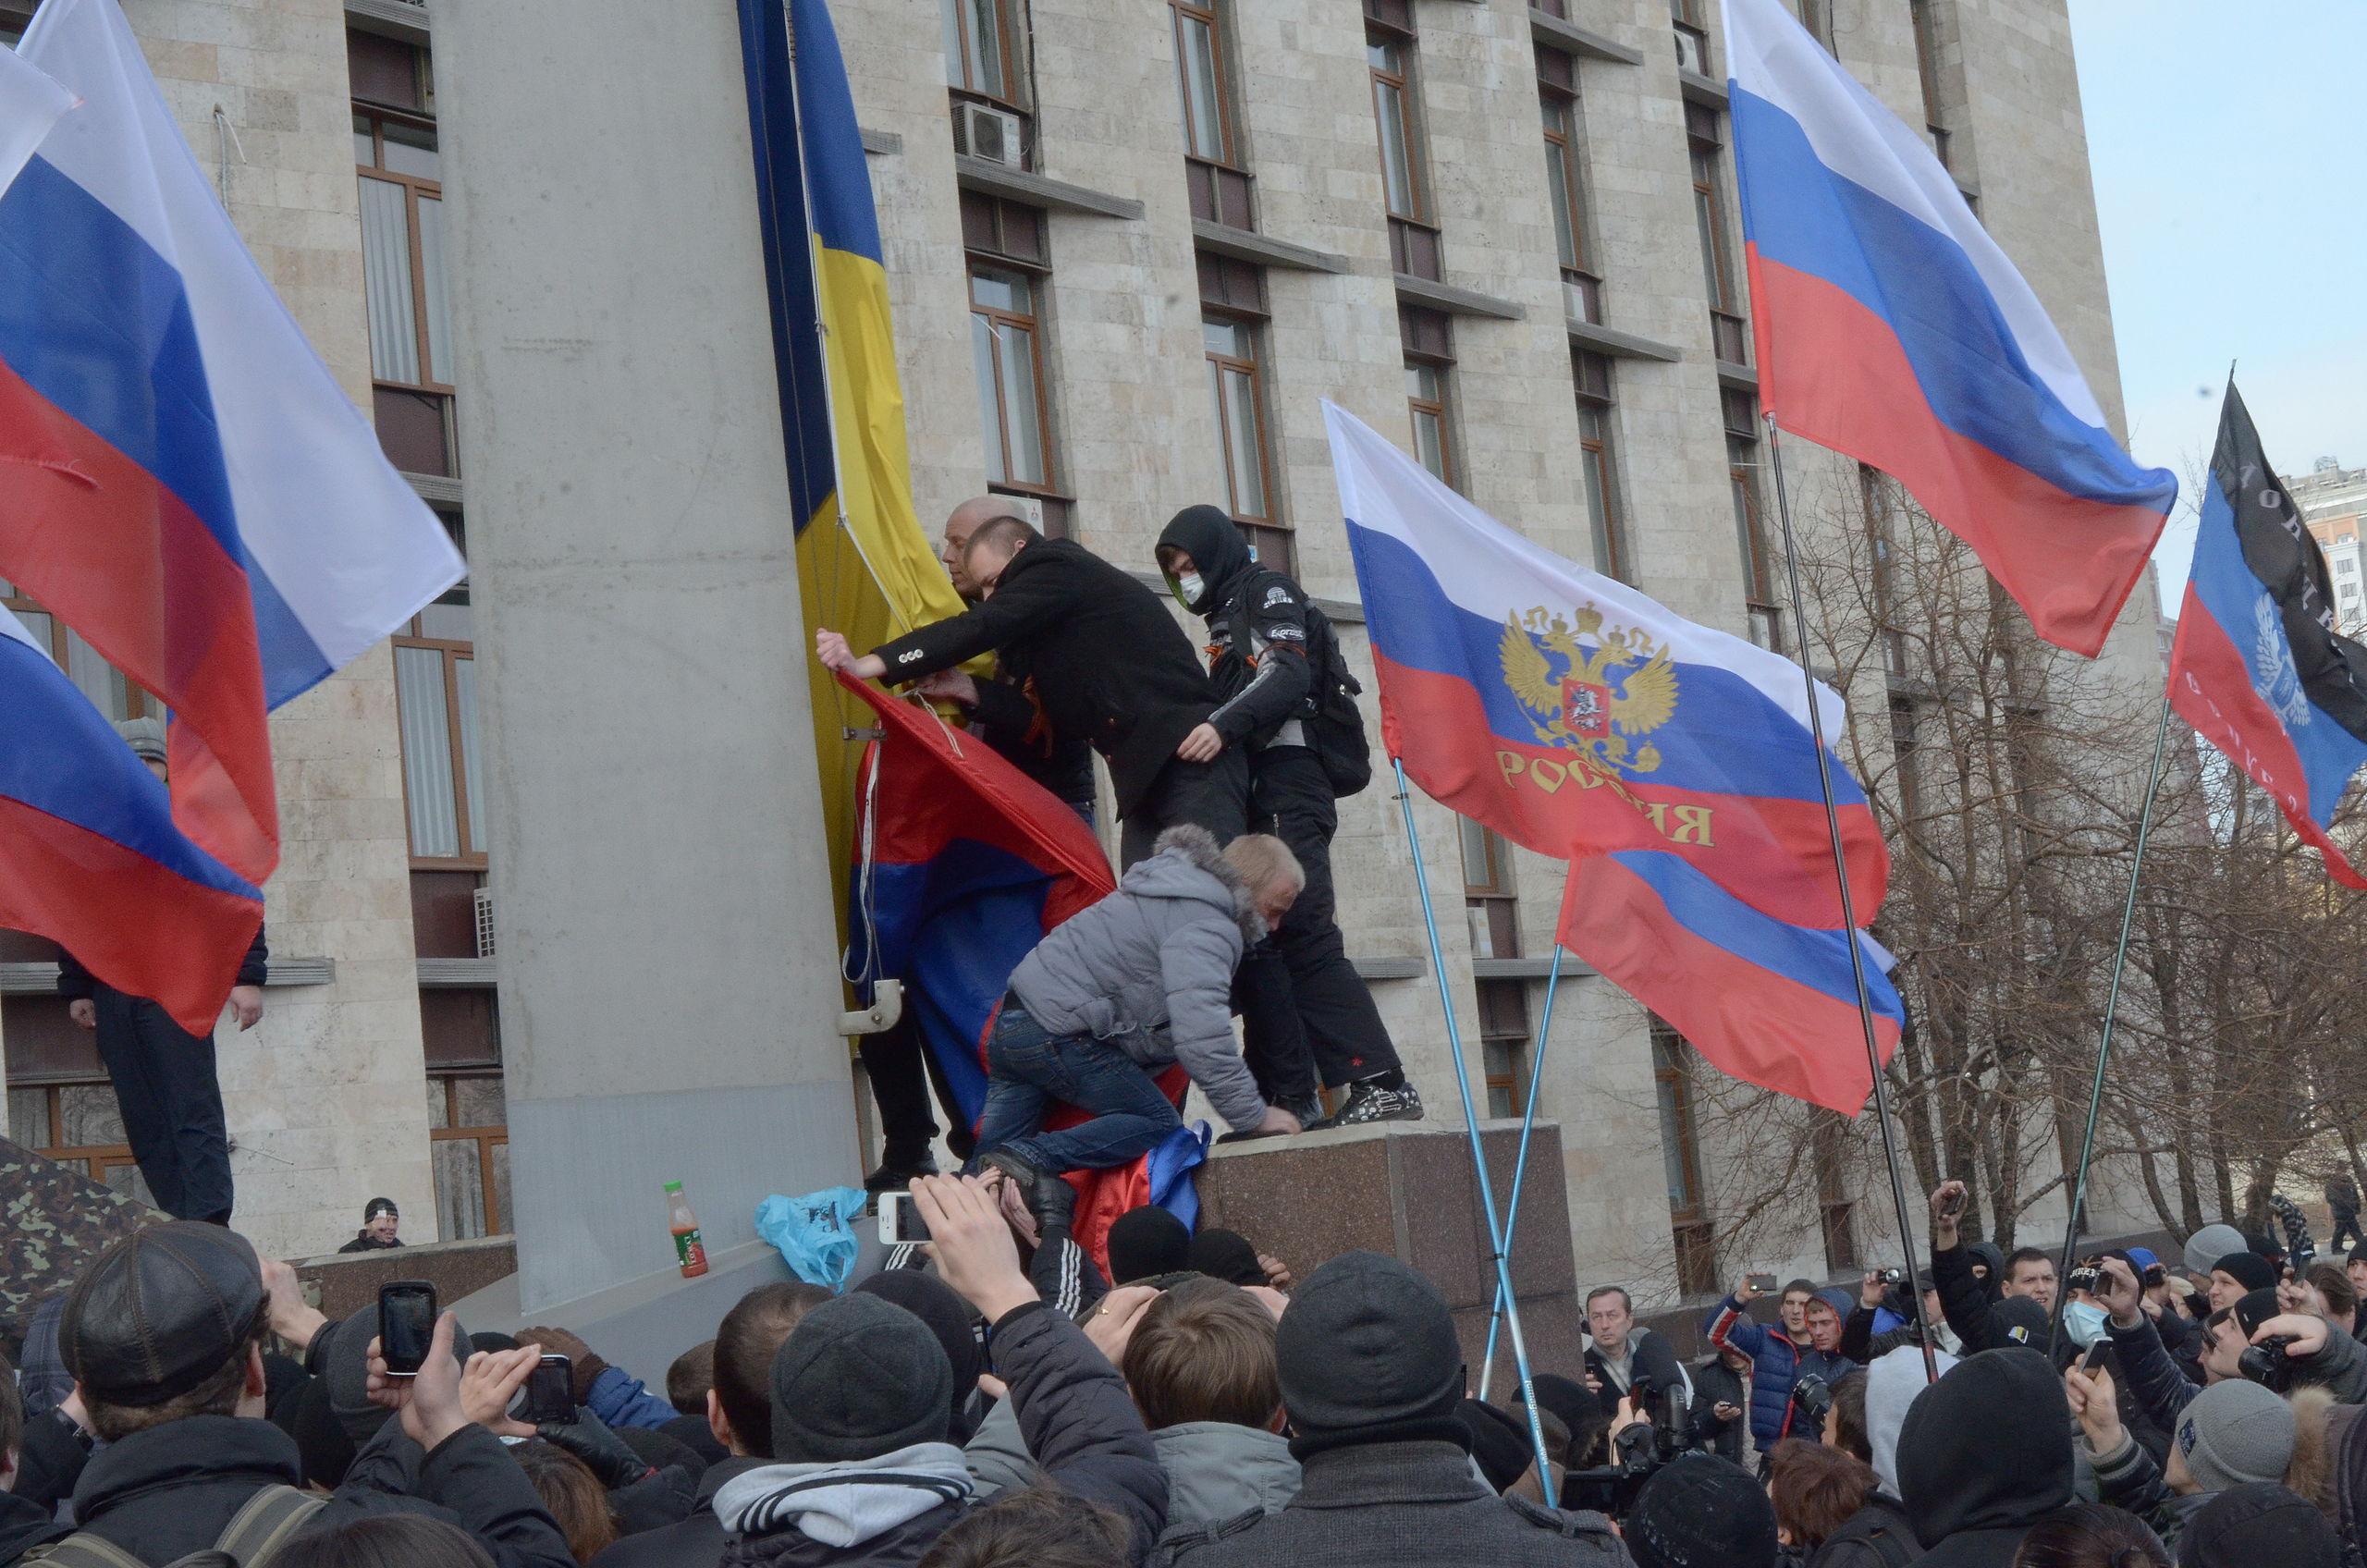 Quadrilha toma cidade / Rússia X Ucrânia  – Boletim 13